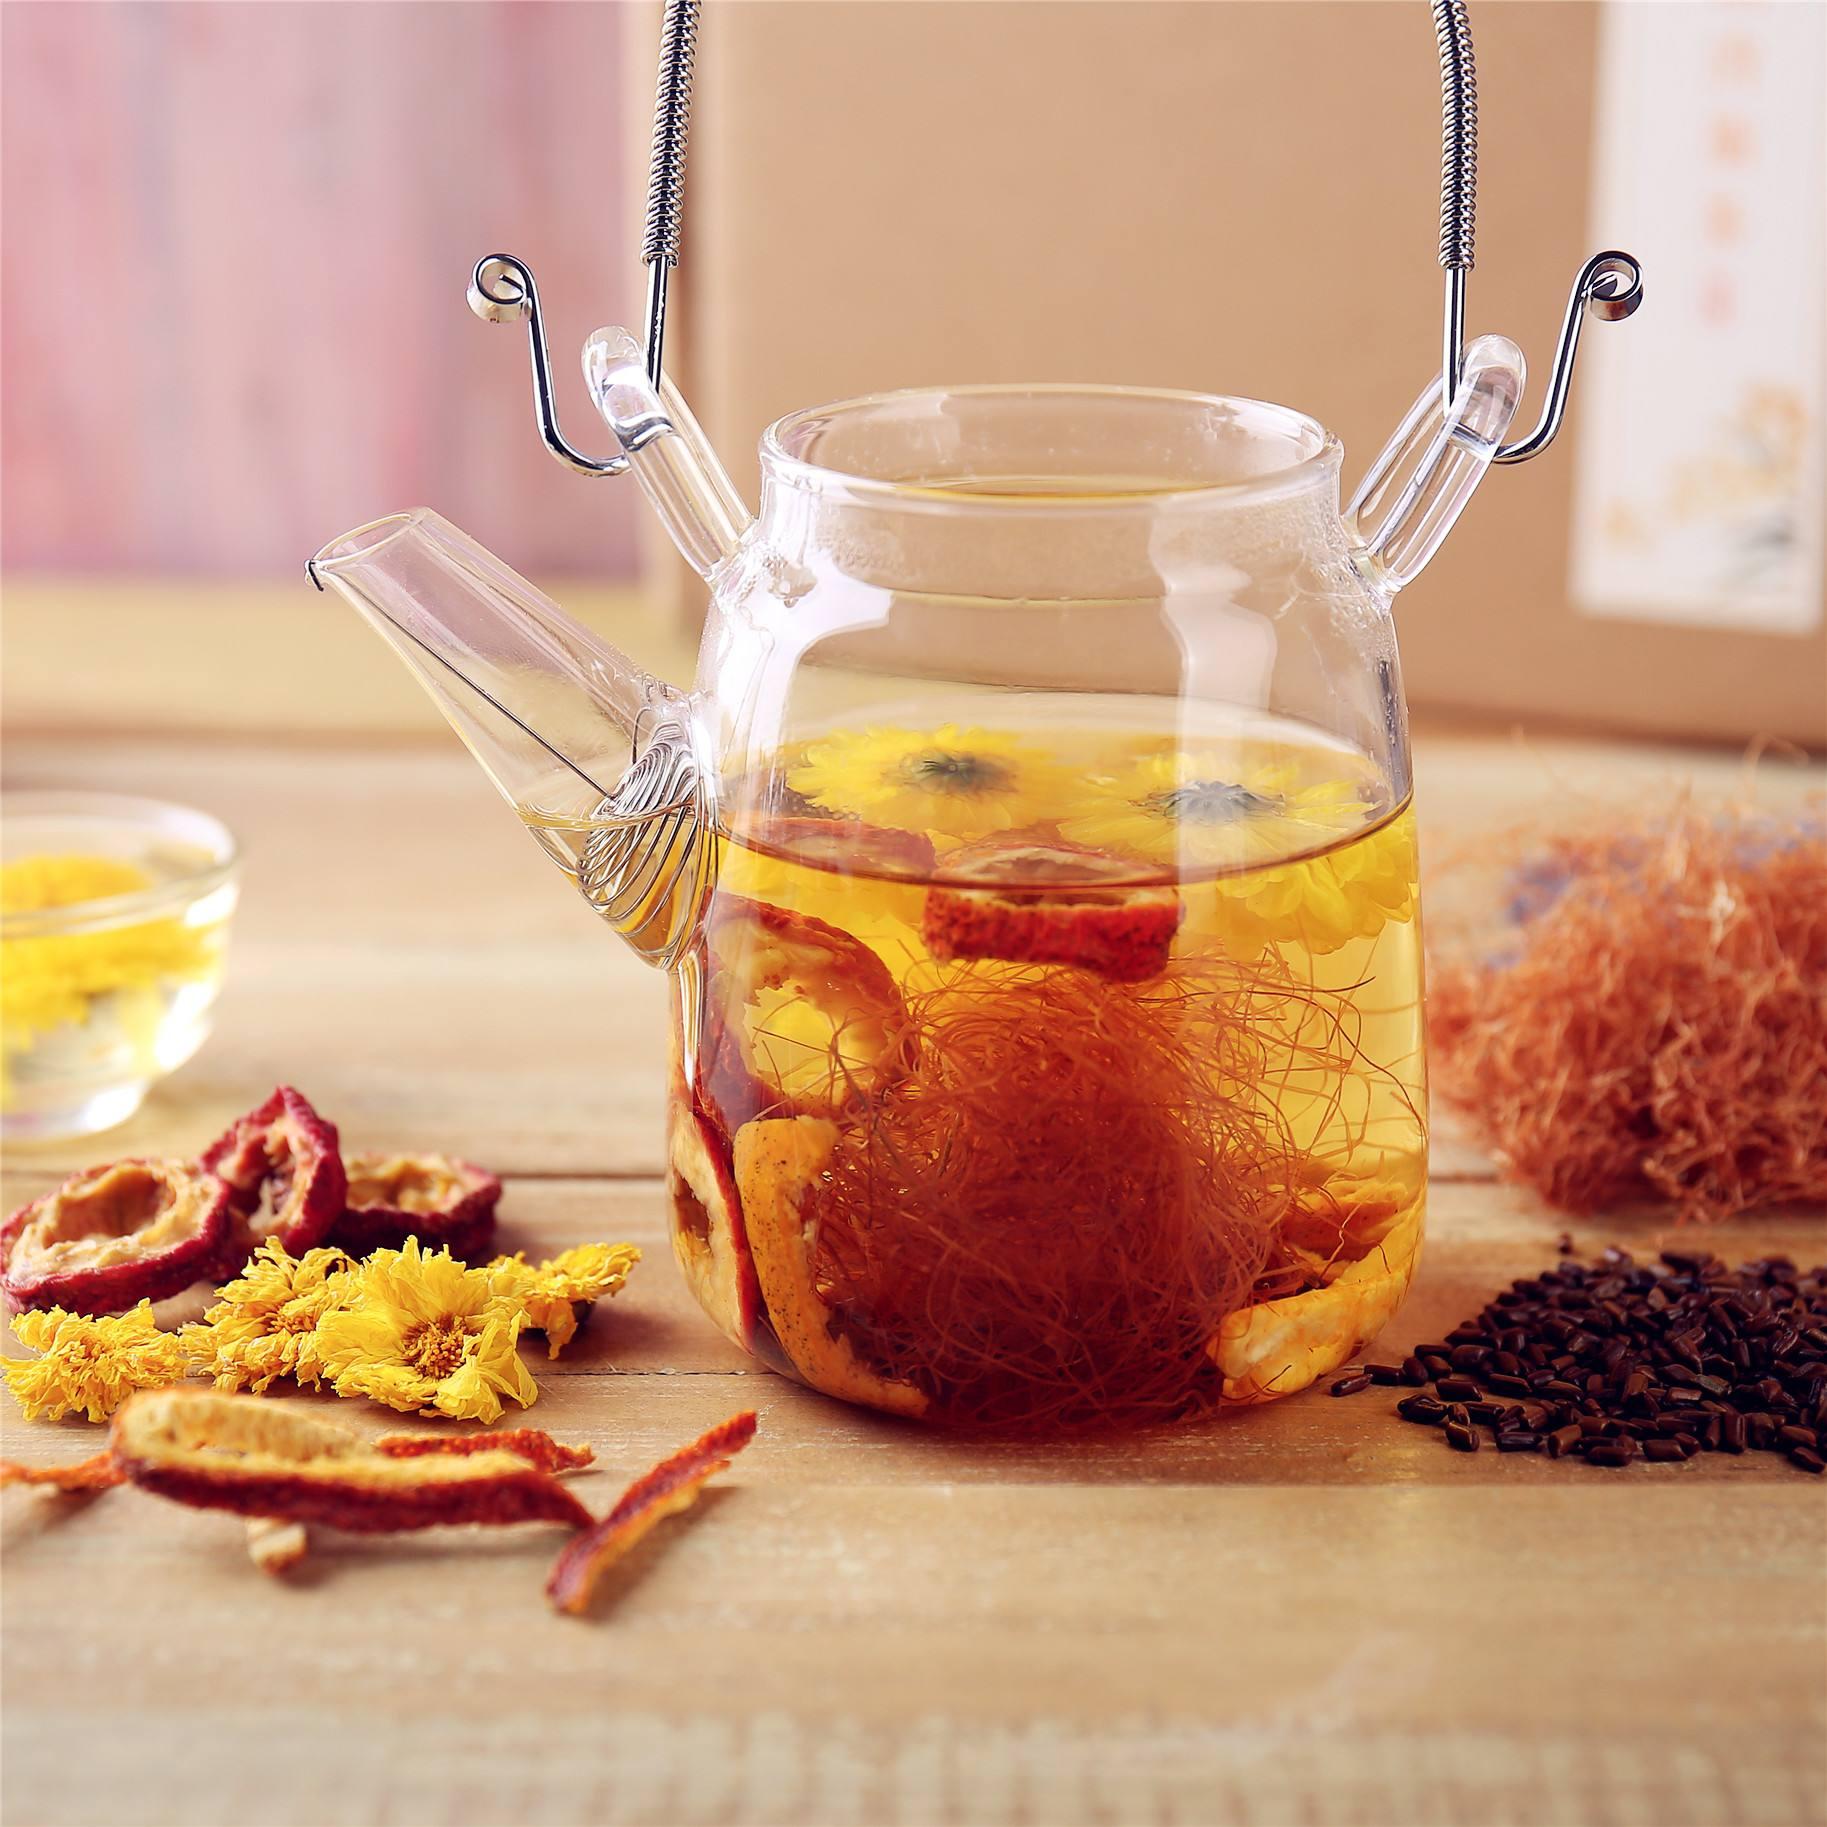 陈皮山楂茶泡水喝的功效